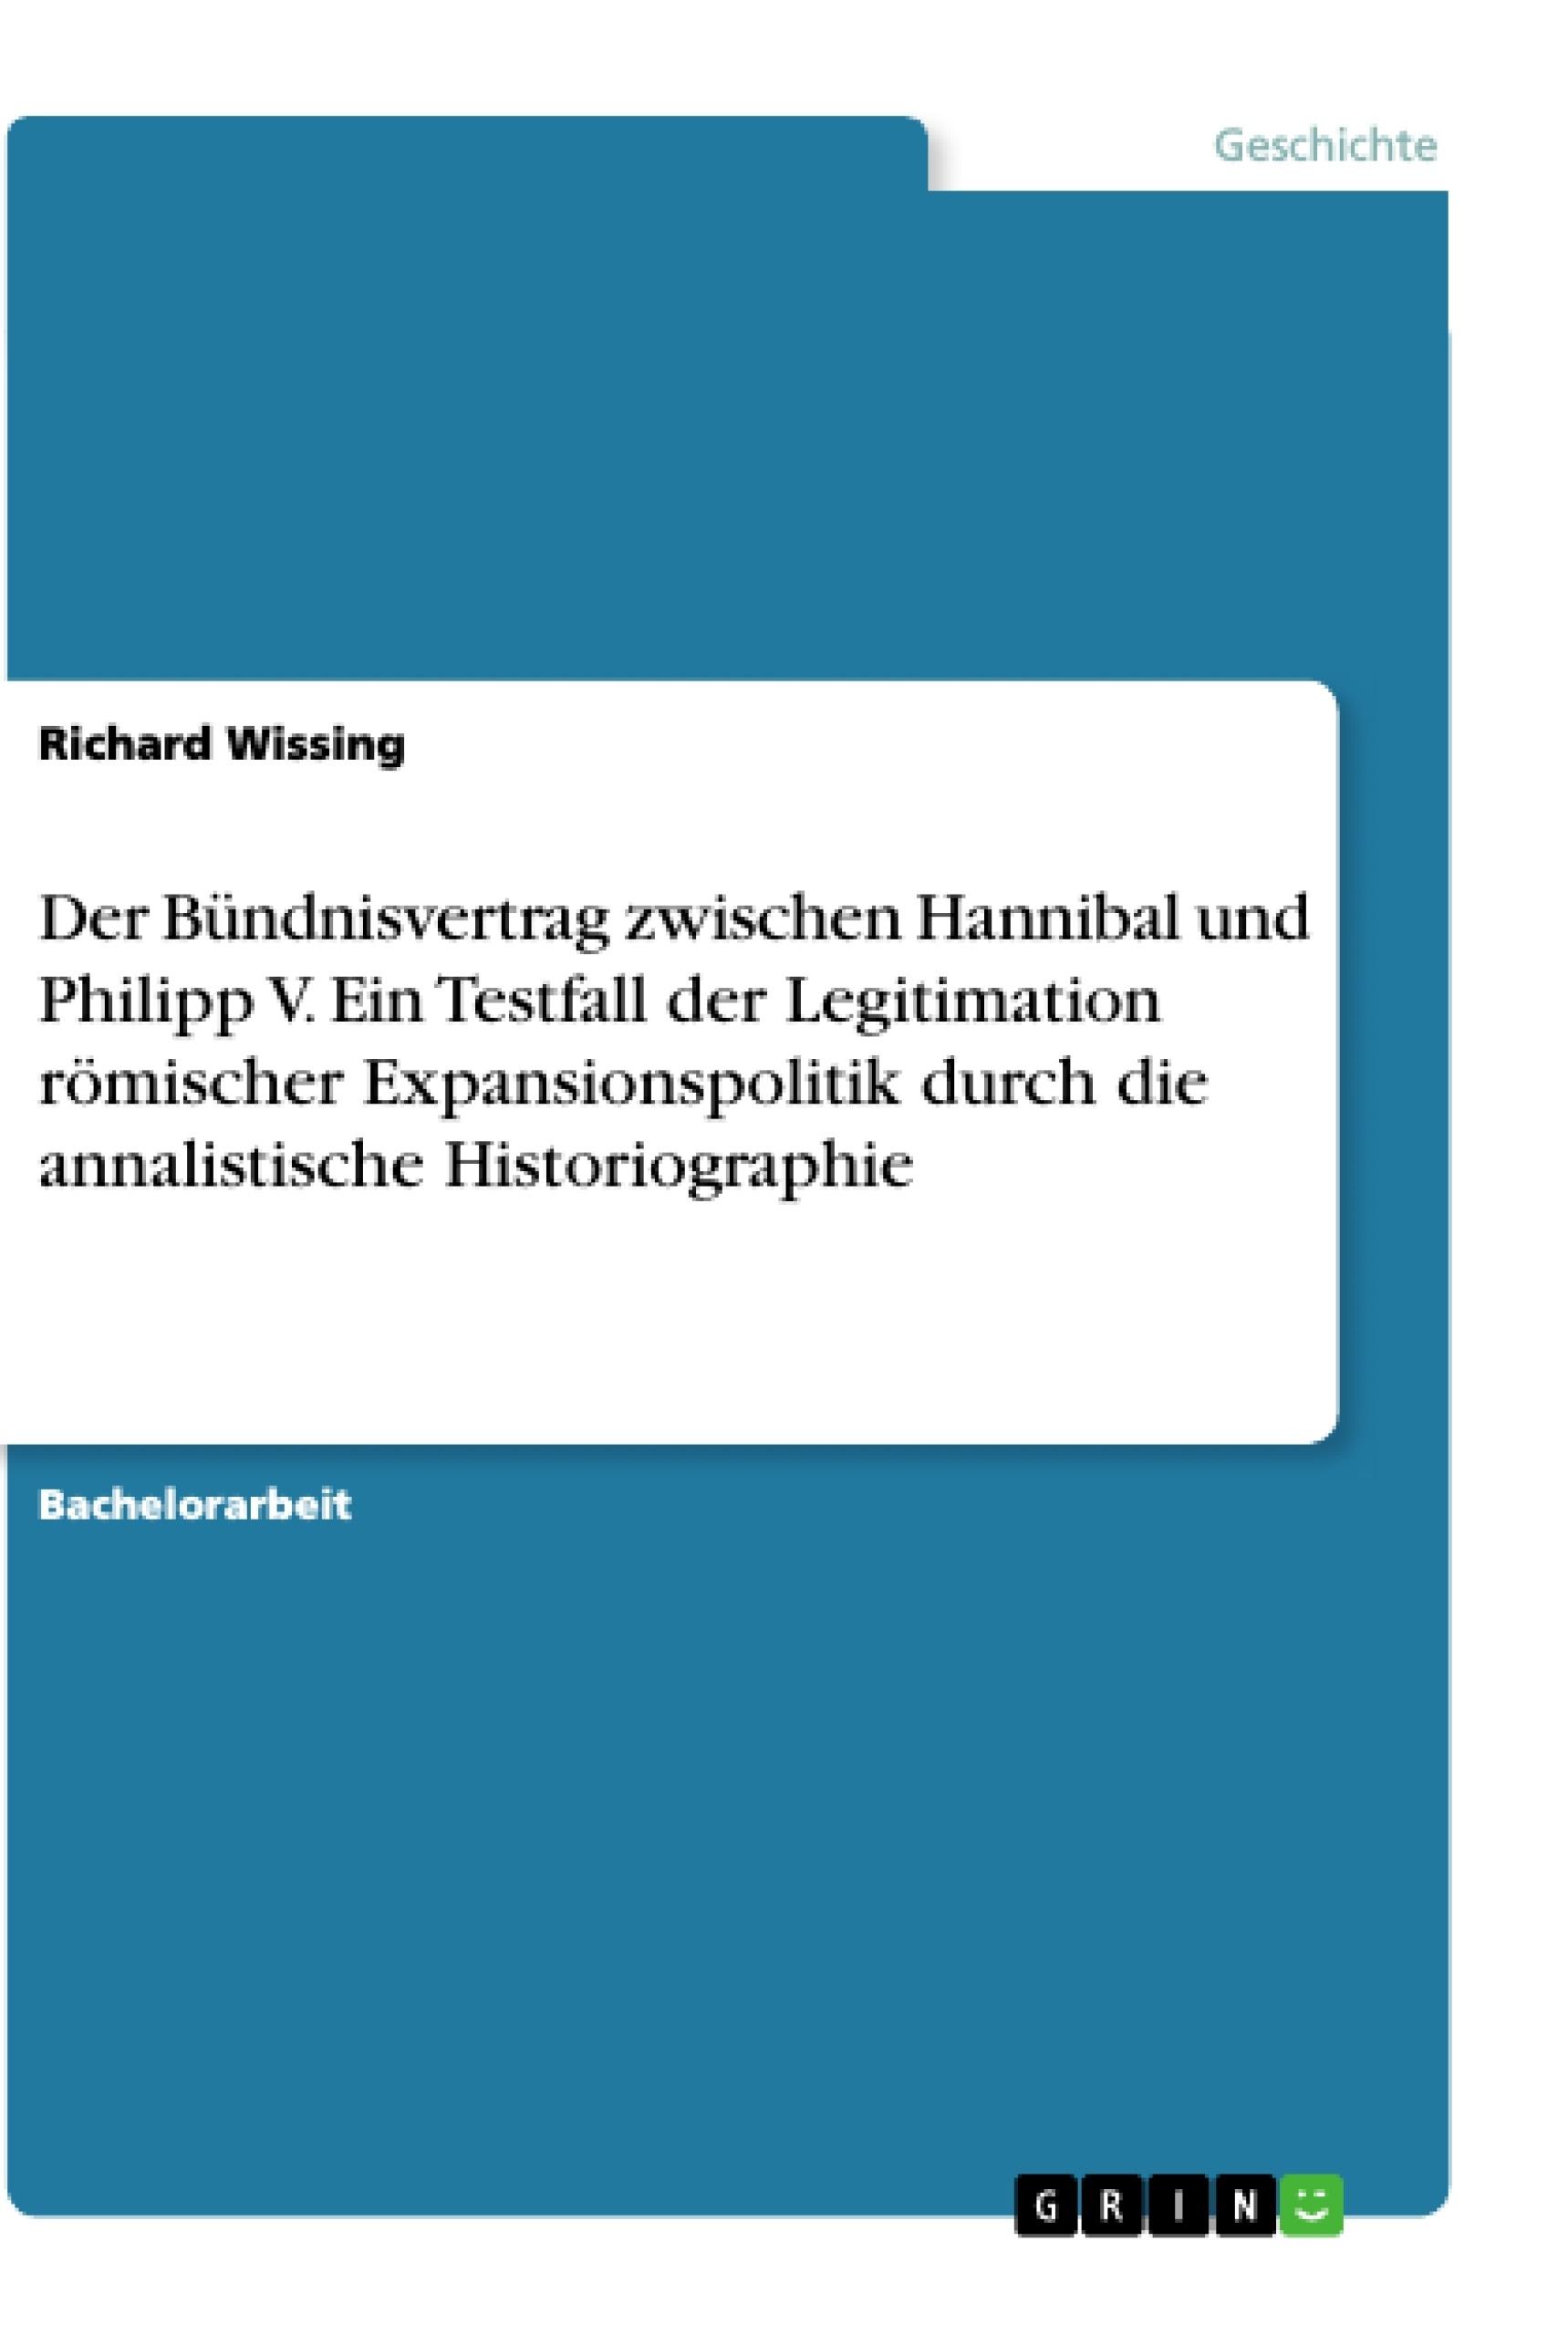 Titel: Der Bündnisvertrag zwischen Hannibal und Philipp V. Ein Testfall der Legitimation römischer Expansionspolitik durch die annalistische Historiographie